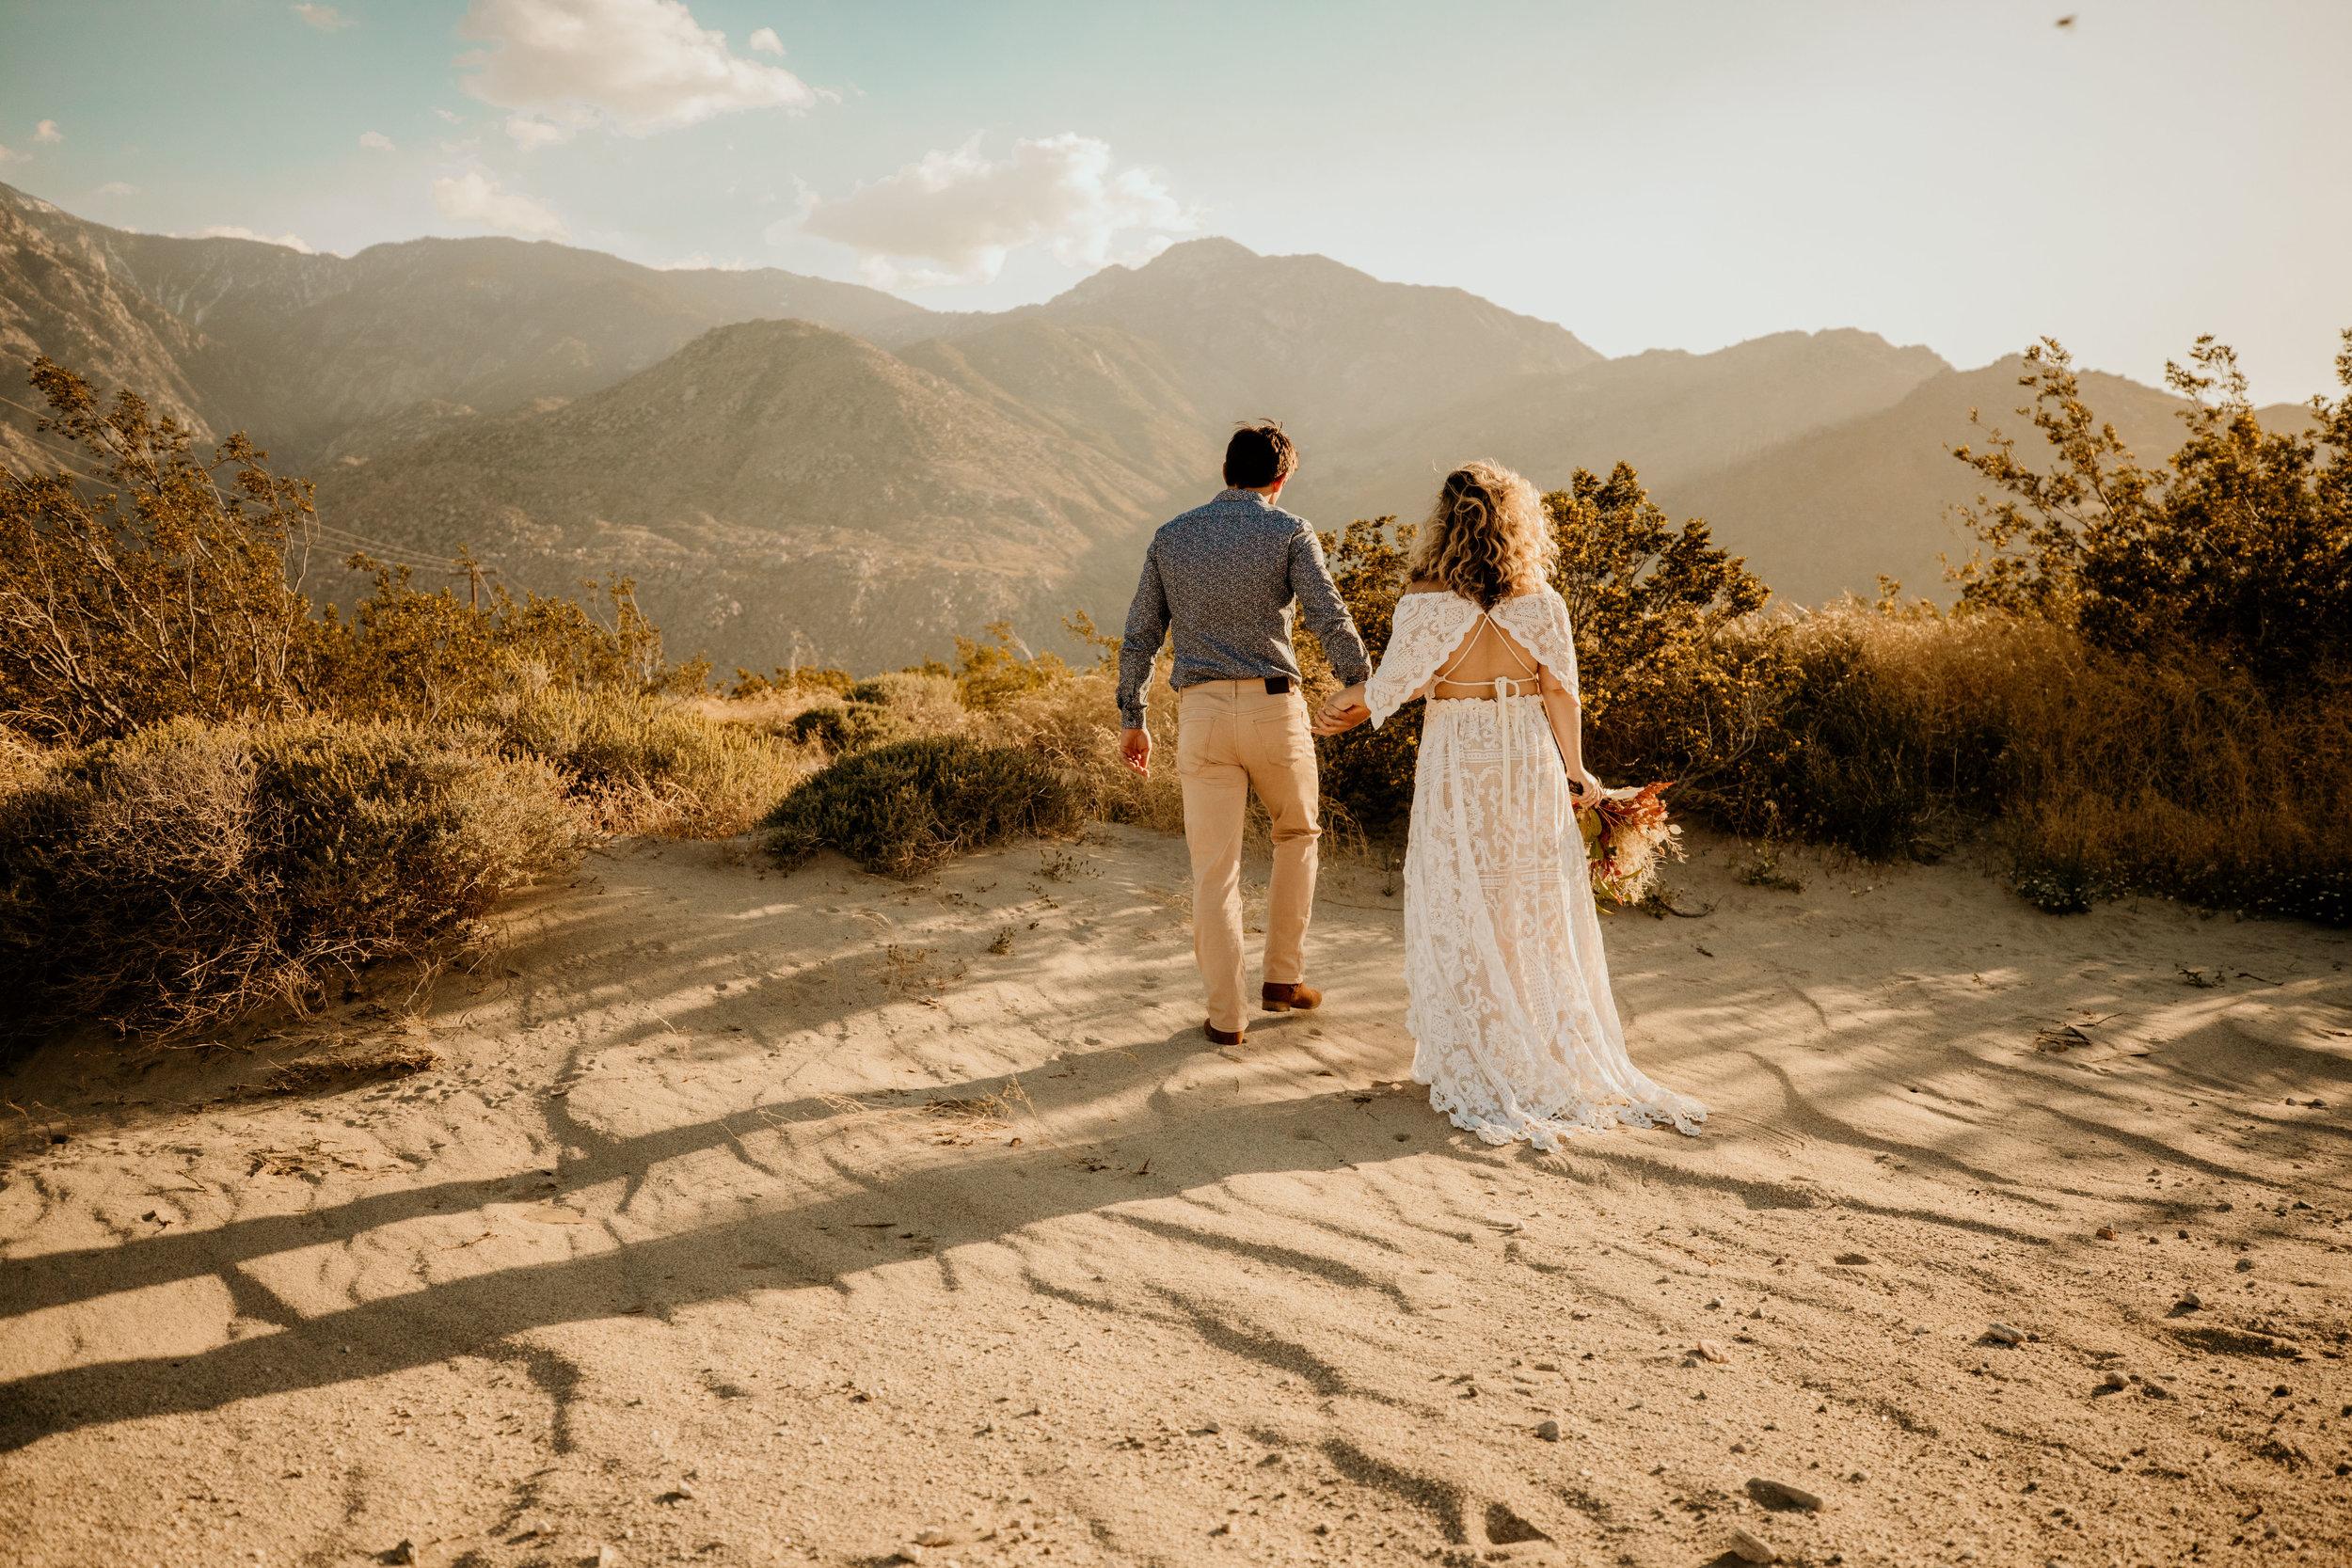 desert-palm-springs-elopement-photoshoot-3058-2.jpg